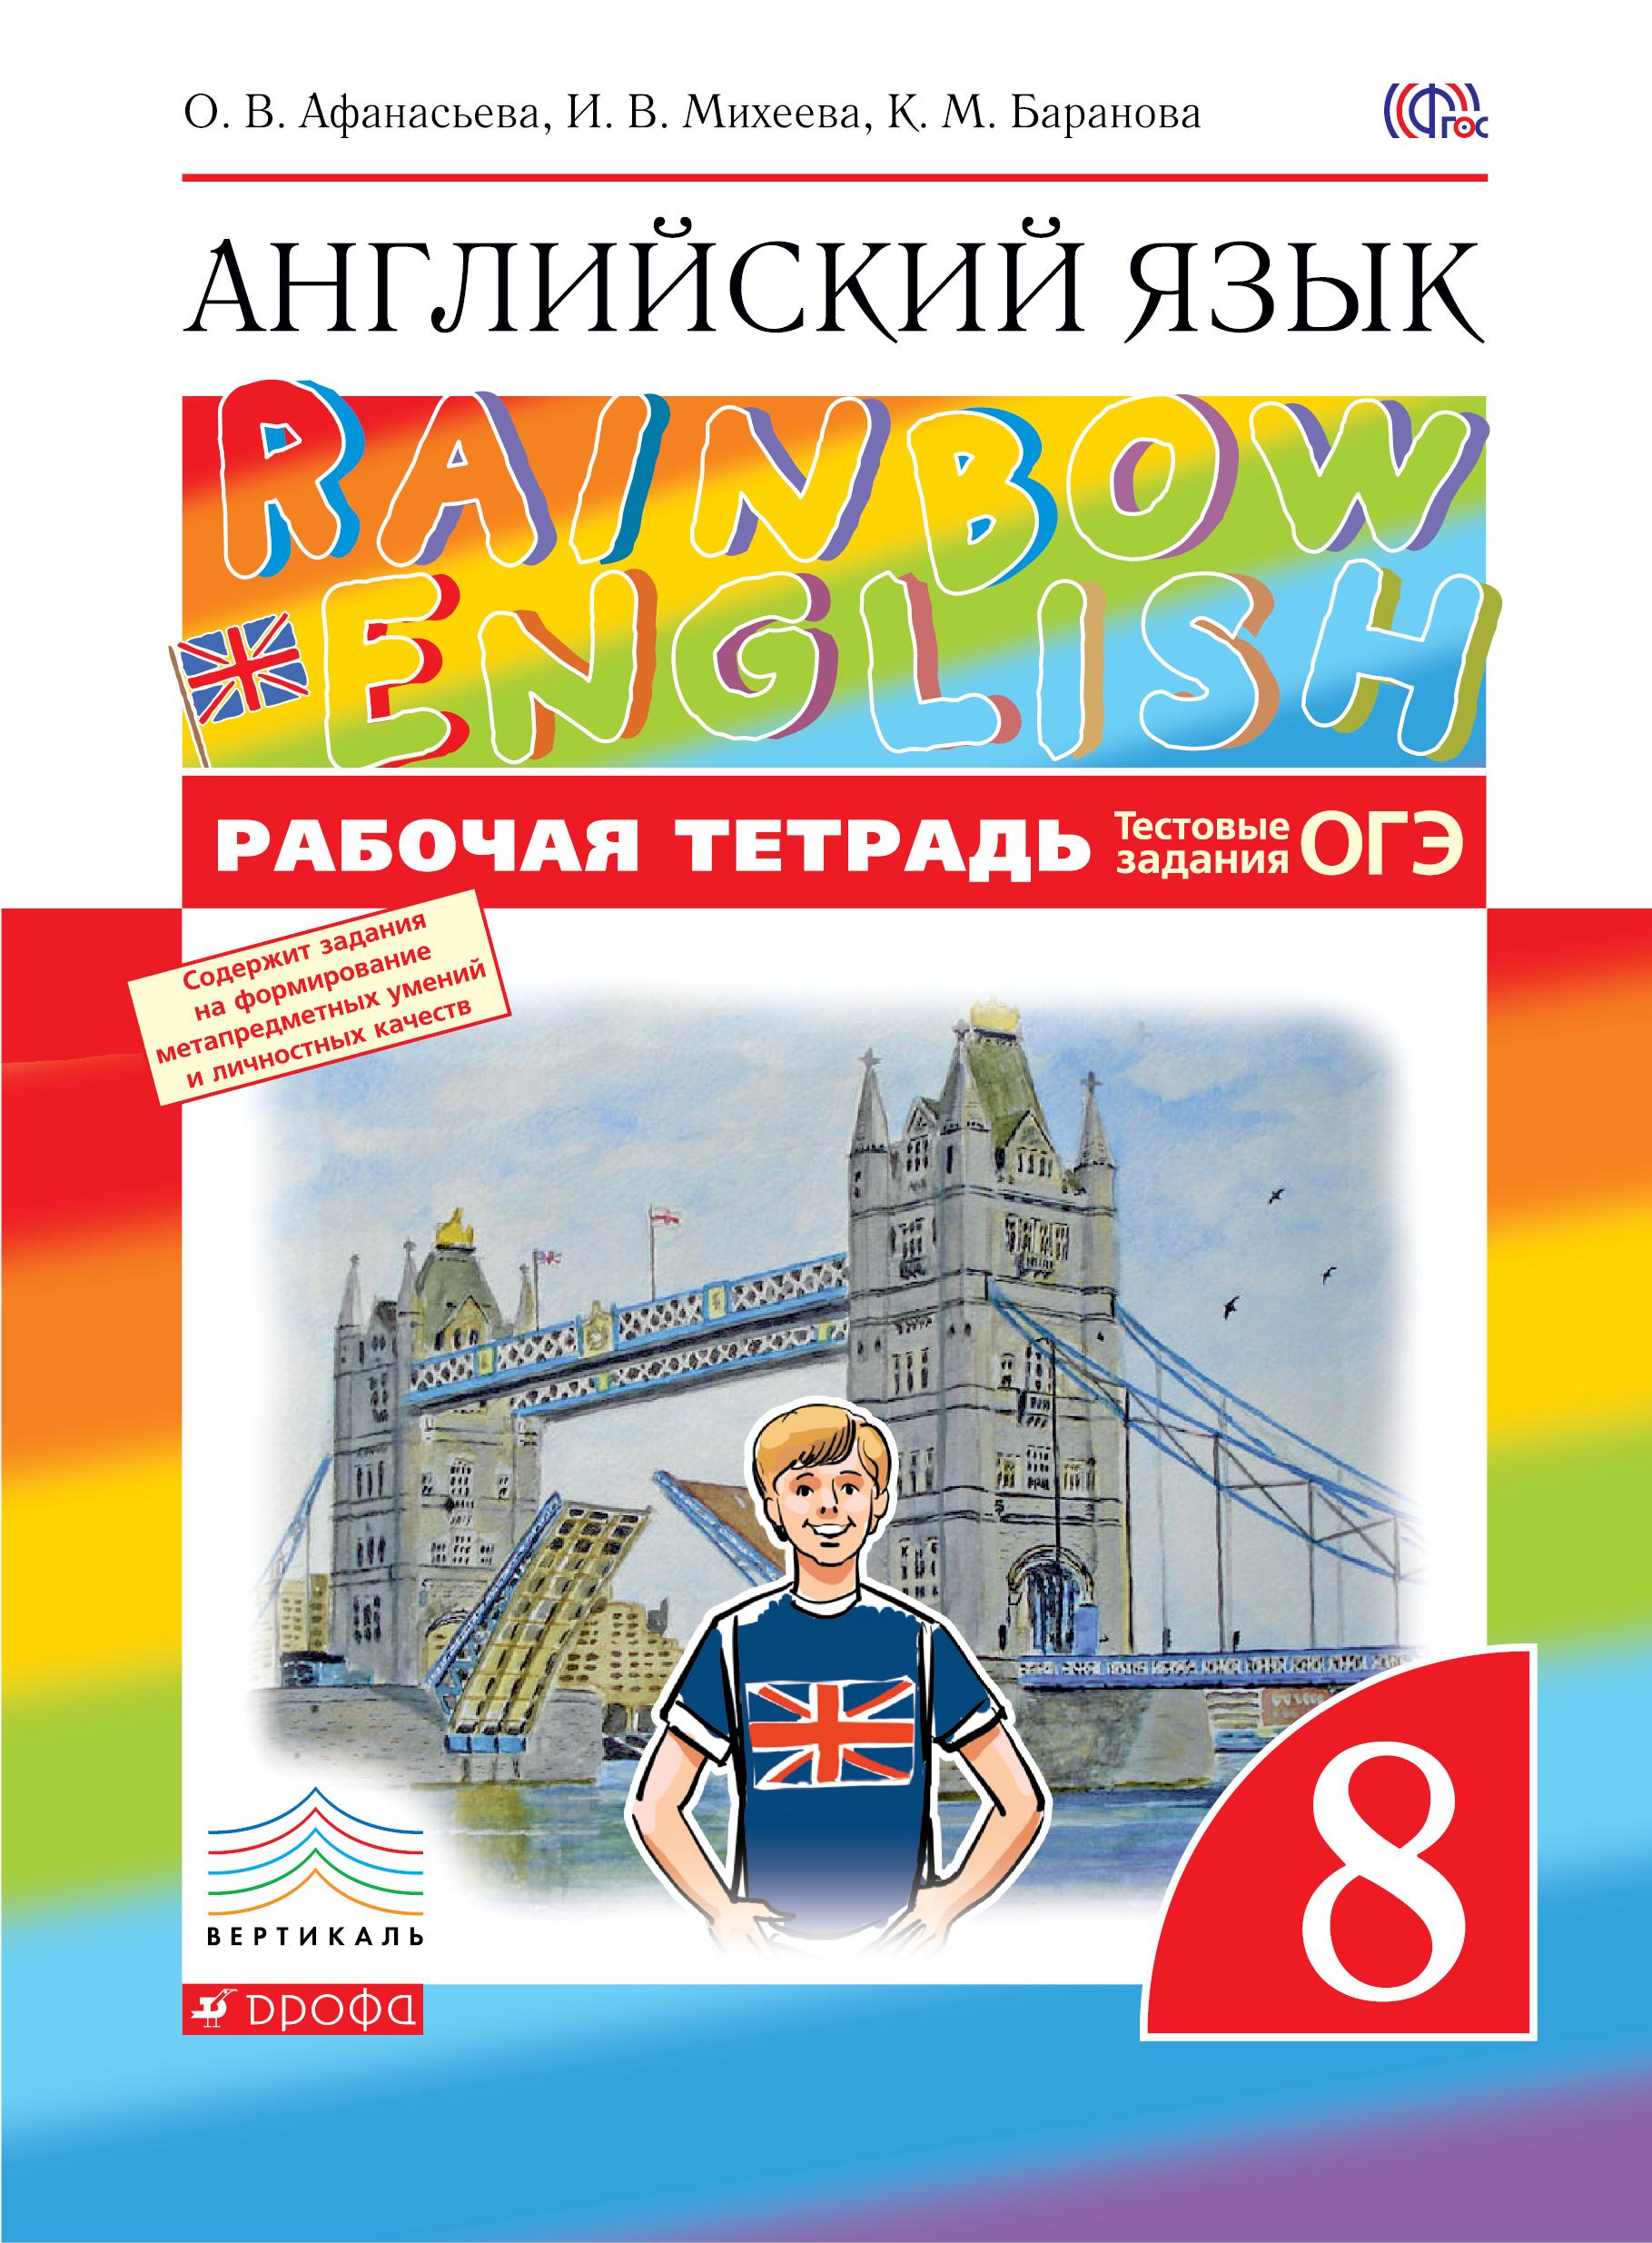 Решебник Английского 8 Класс Афанасьева Михеева Баранова